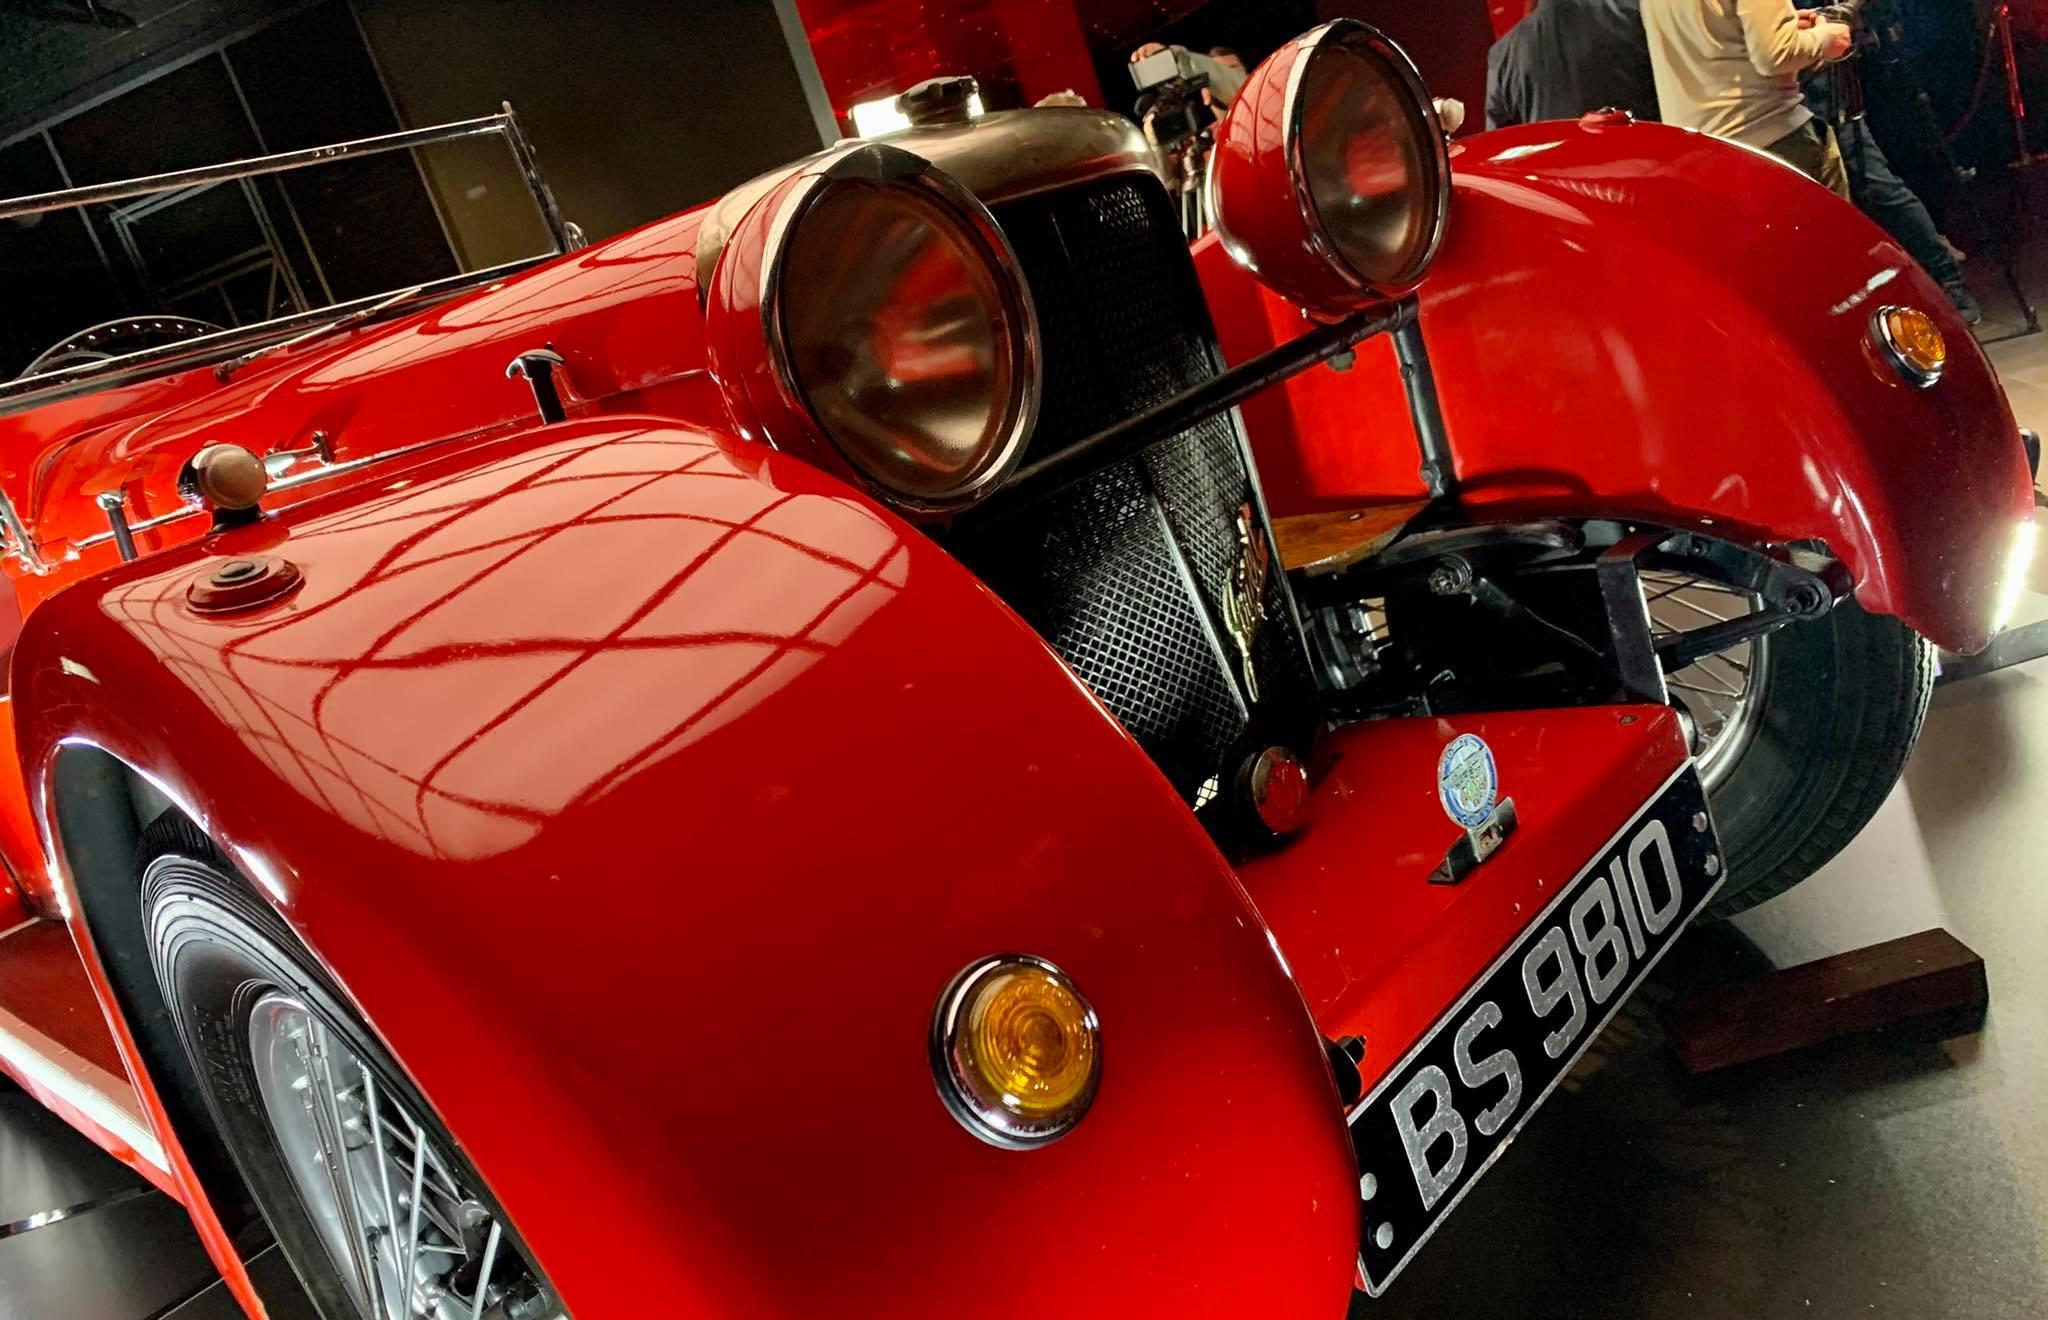 Stuletnie auto w Muzeum Art Deco w Płocku. To prezent od PKN Orlen [ZDJĘCIA] - Zdjęcie główne